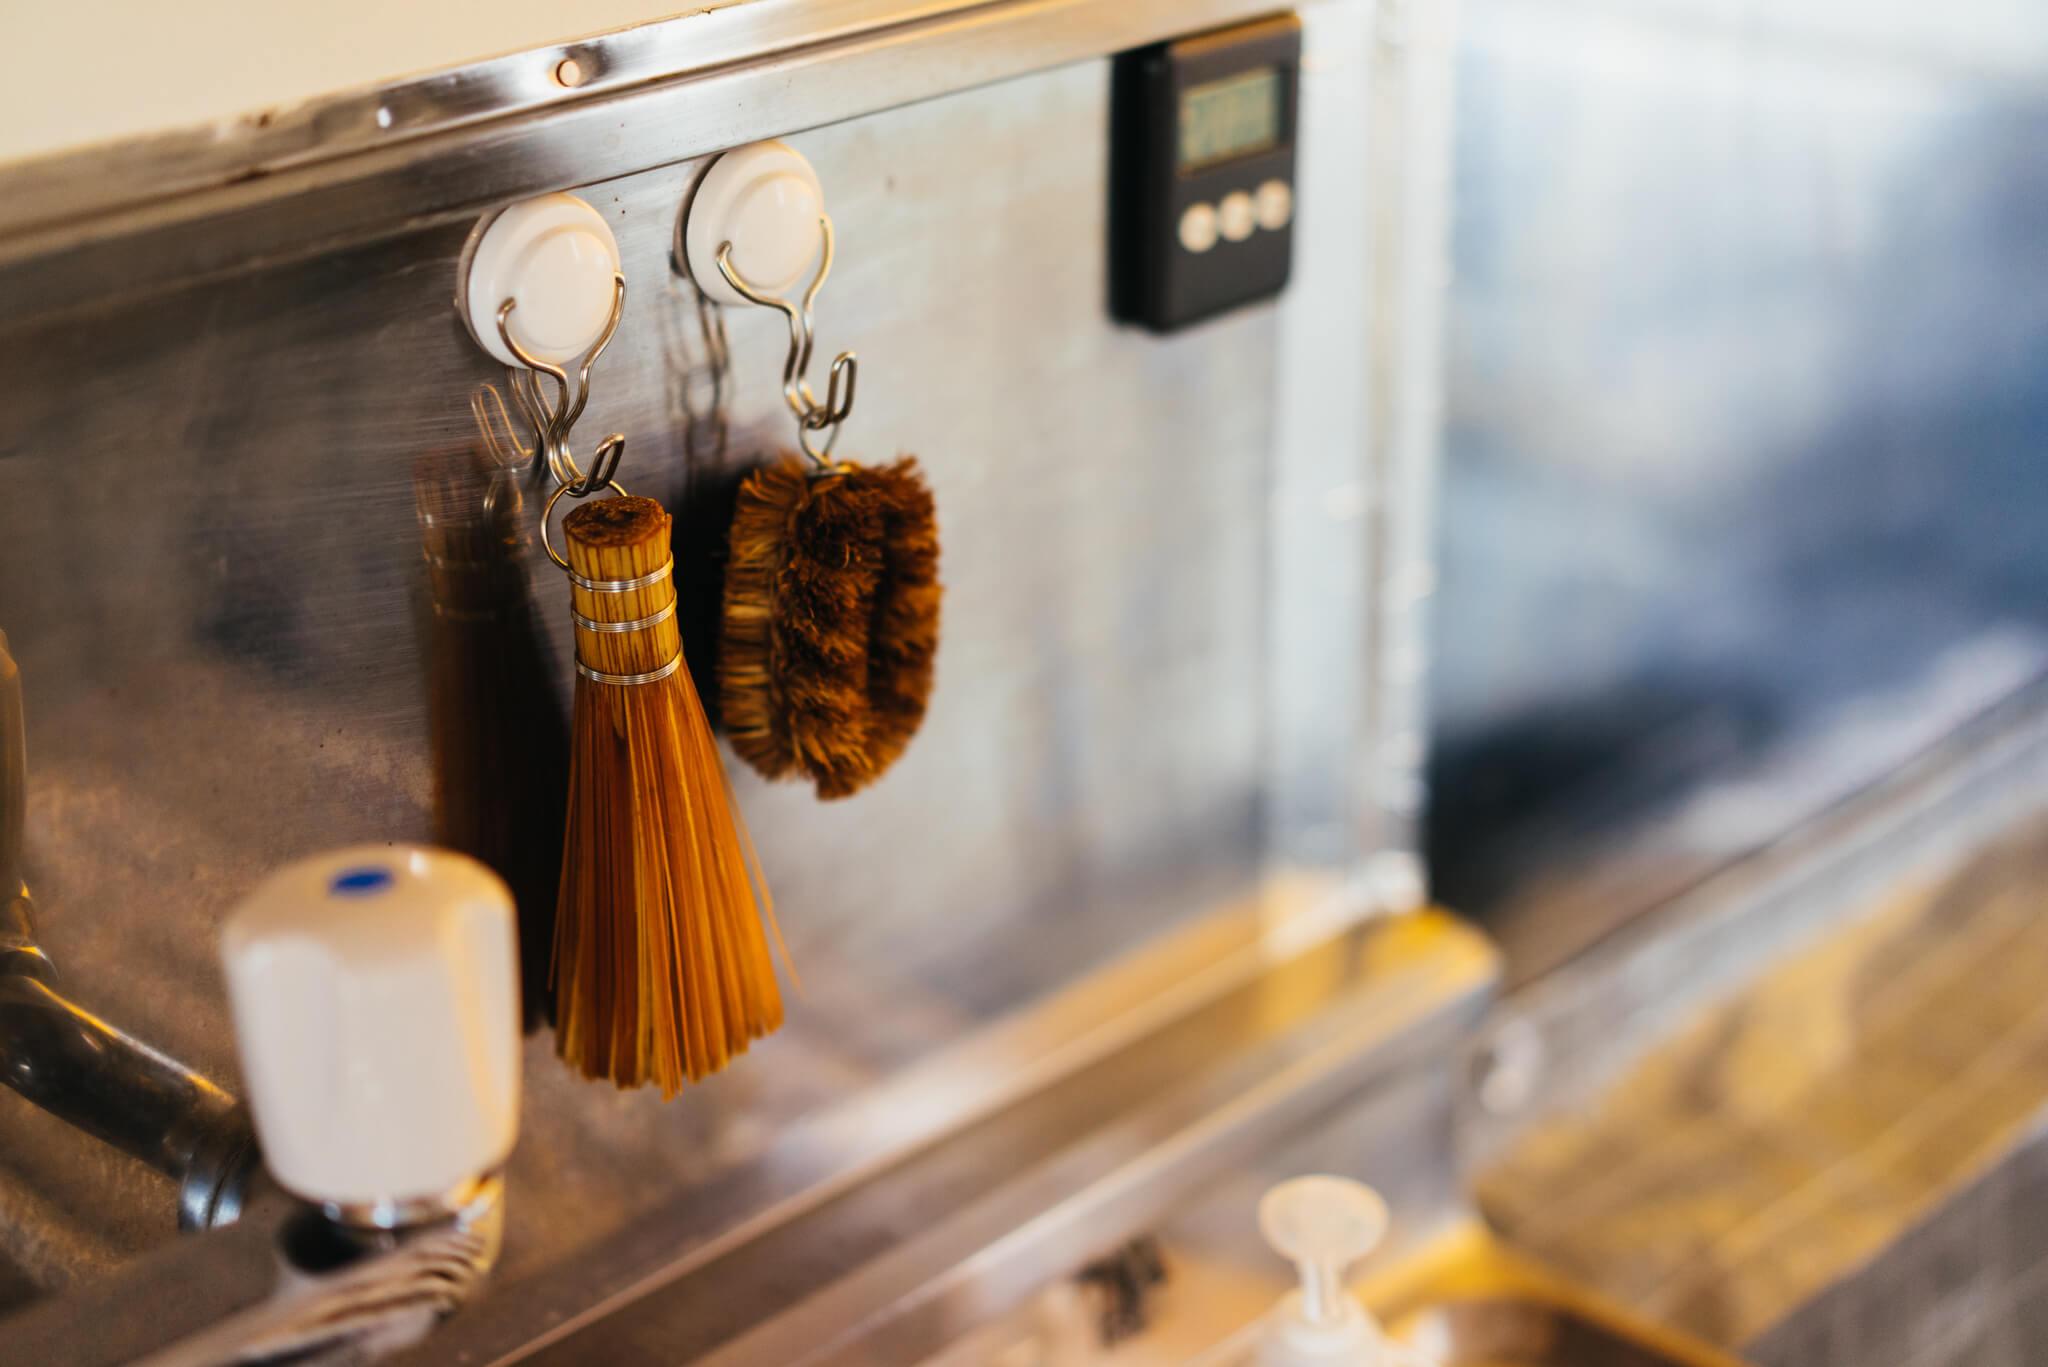 整理収納アドバイザー、小林由未子さんのキッチンでは、100円ショップで購入したフックやつっぱり棒を使って、いつも使うものの指定席を用意(このお部屋はこちら)